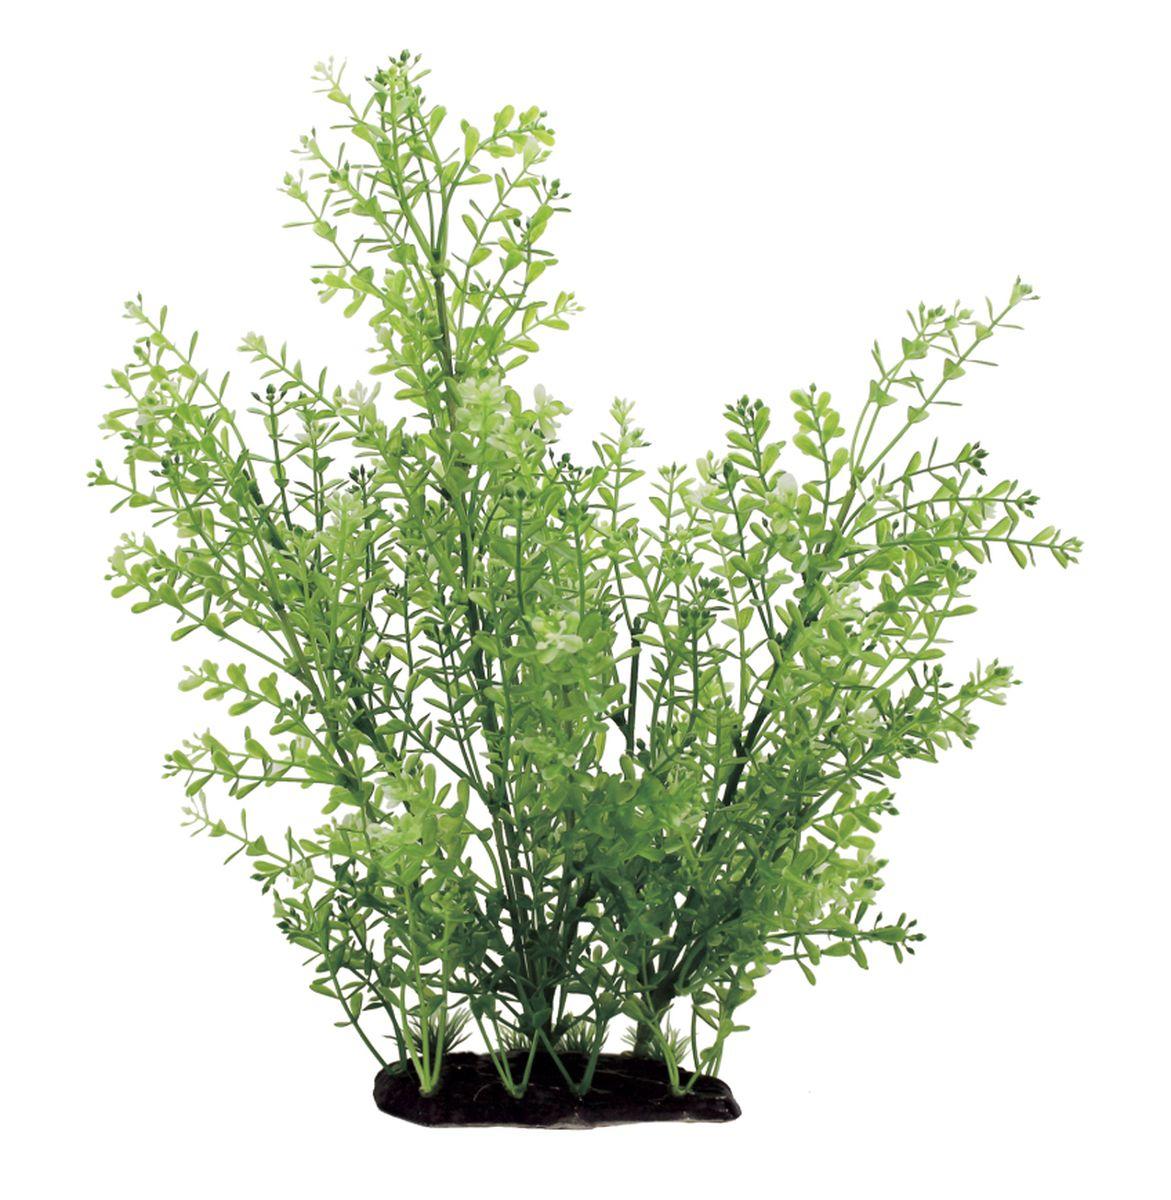 Растение для аквариума ArtUniq Ротала, высота 35 см0120710Растение для аквариума ArtUniq Ротала, высота 35 см